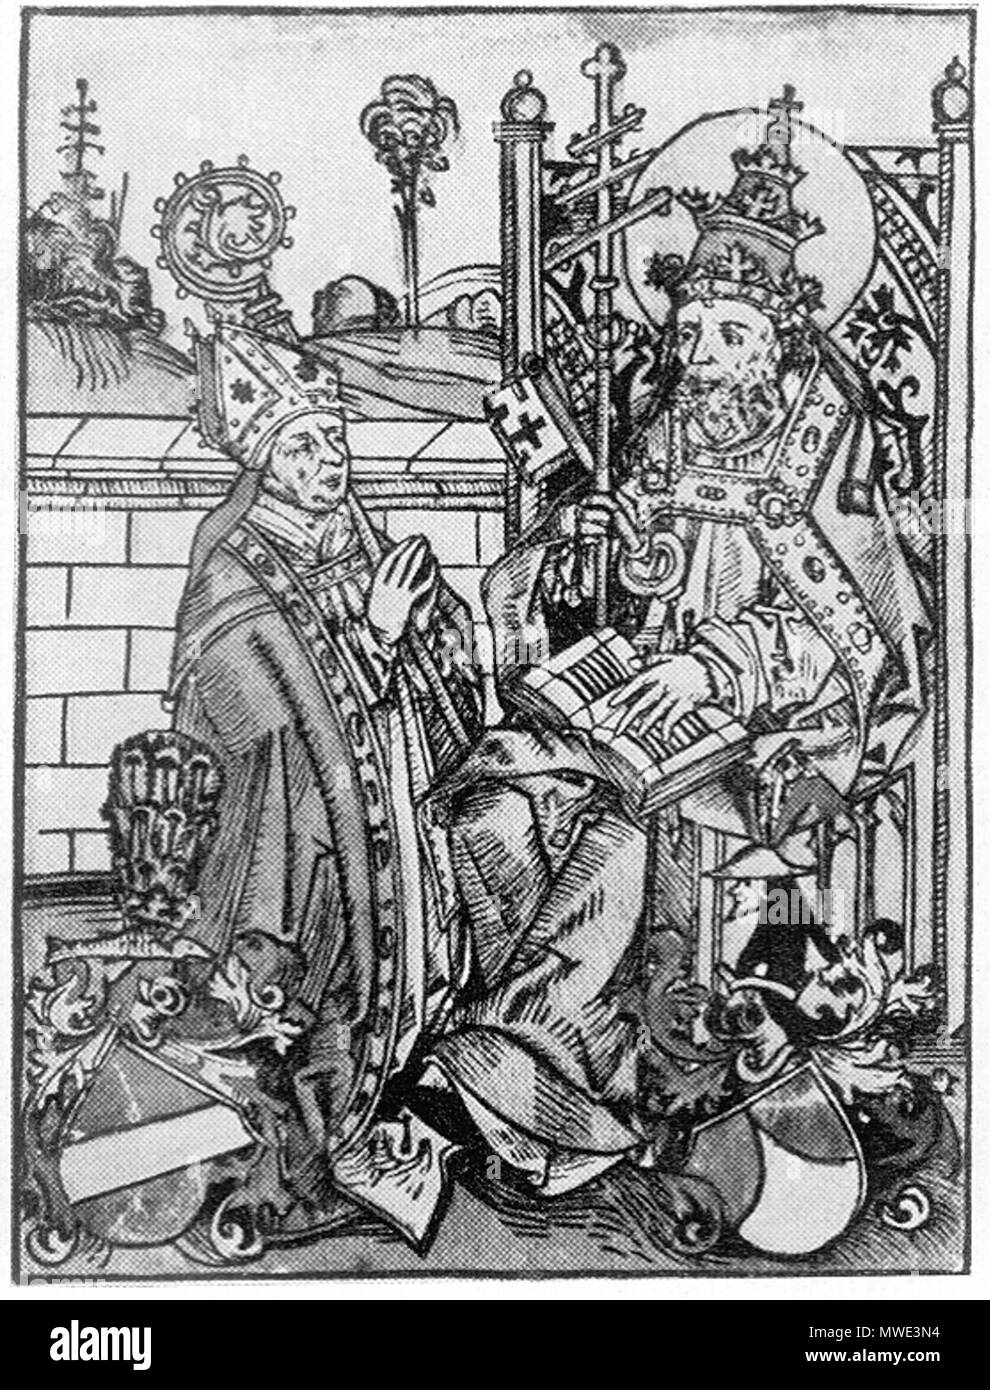 . Deutsch: Darstellung des Regensburger Bischofs Heinrich IV. von Absberg (kniend, mit dem Hl. Petrus) . c. 1480s. Michael Wolgemut (d. 1519) 270 HeinrichAbsberg - Stock Image